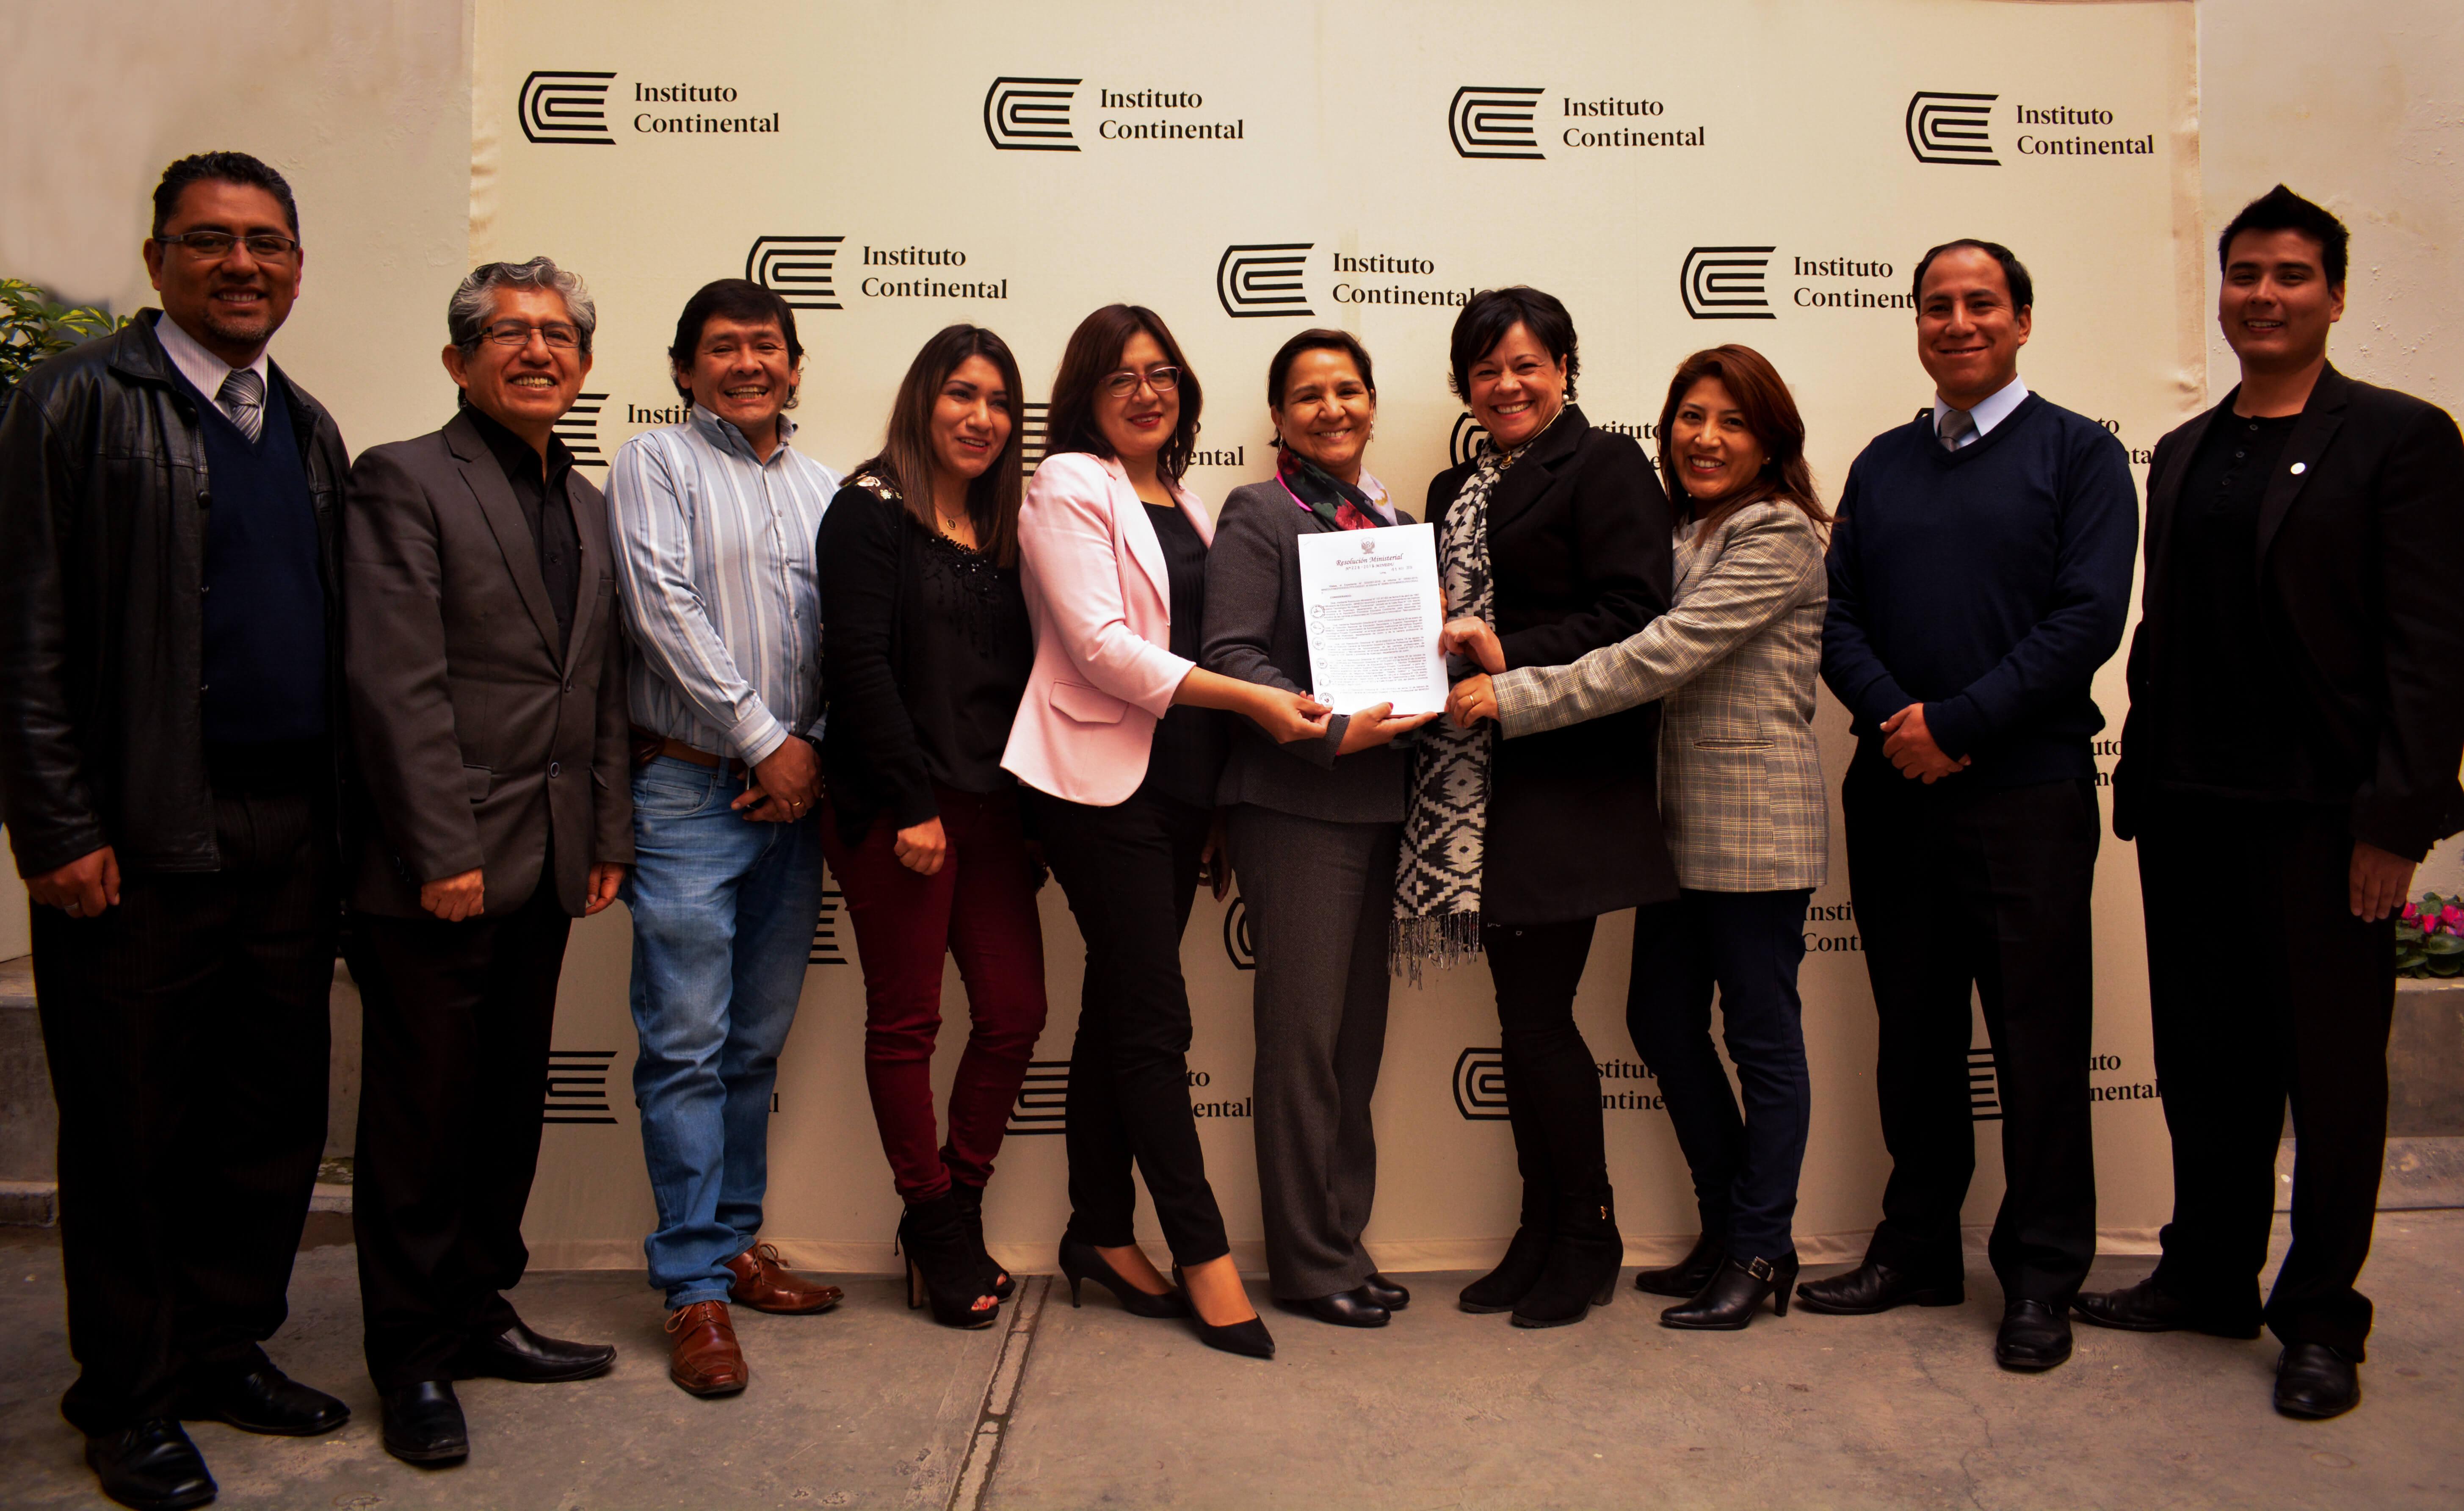 Instituto Continental, primero en la región Junín que obtiene licenciamiento institucional del MINEDU